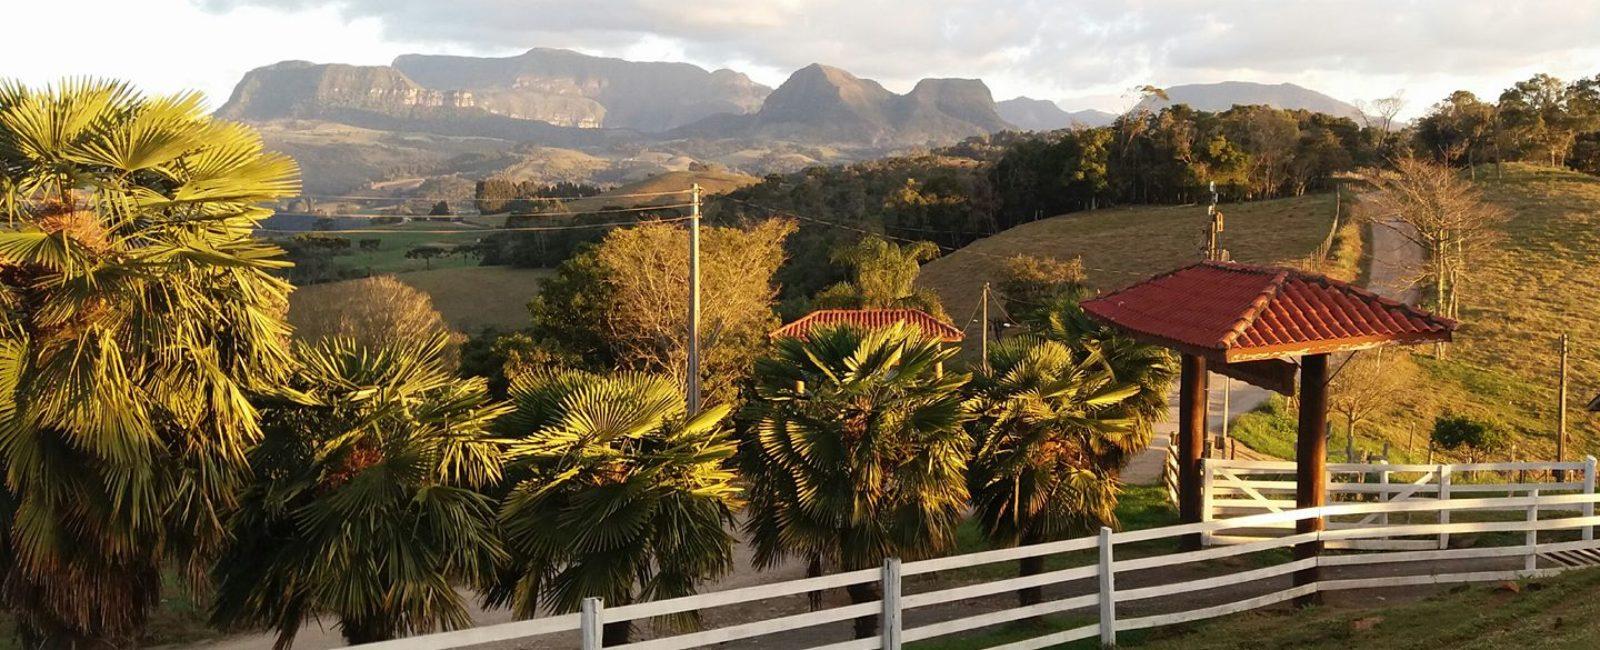 Jornal Capital das Nascentes – Sou da Serra